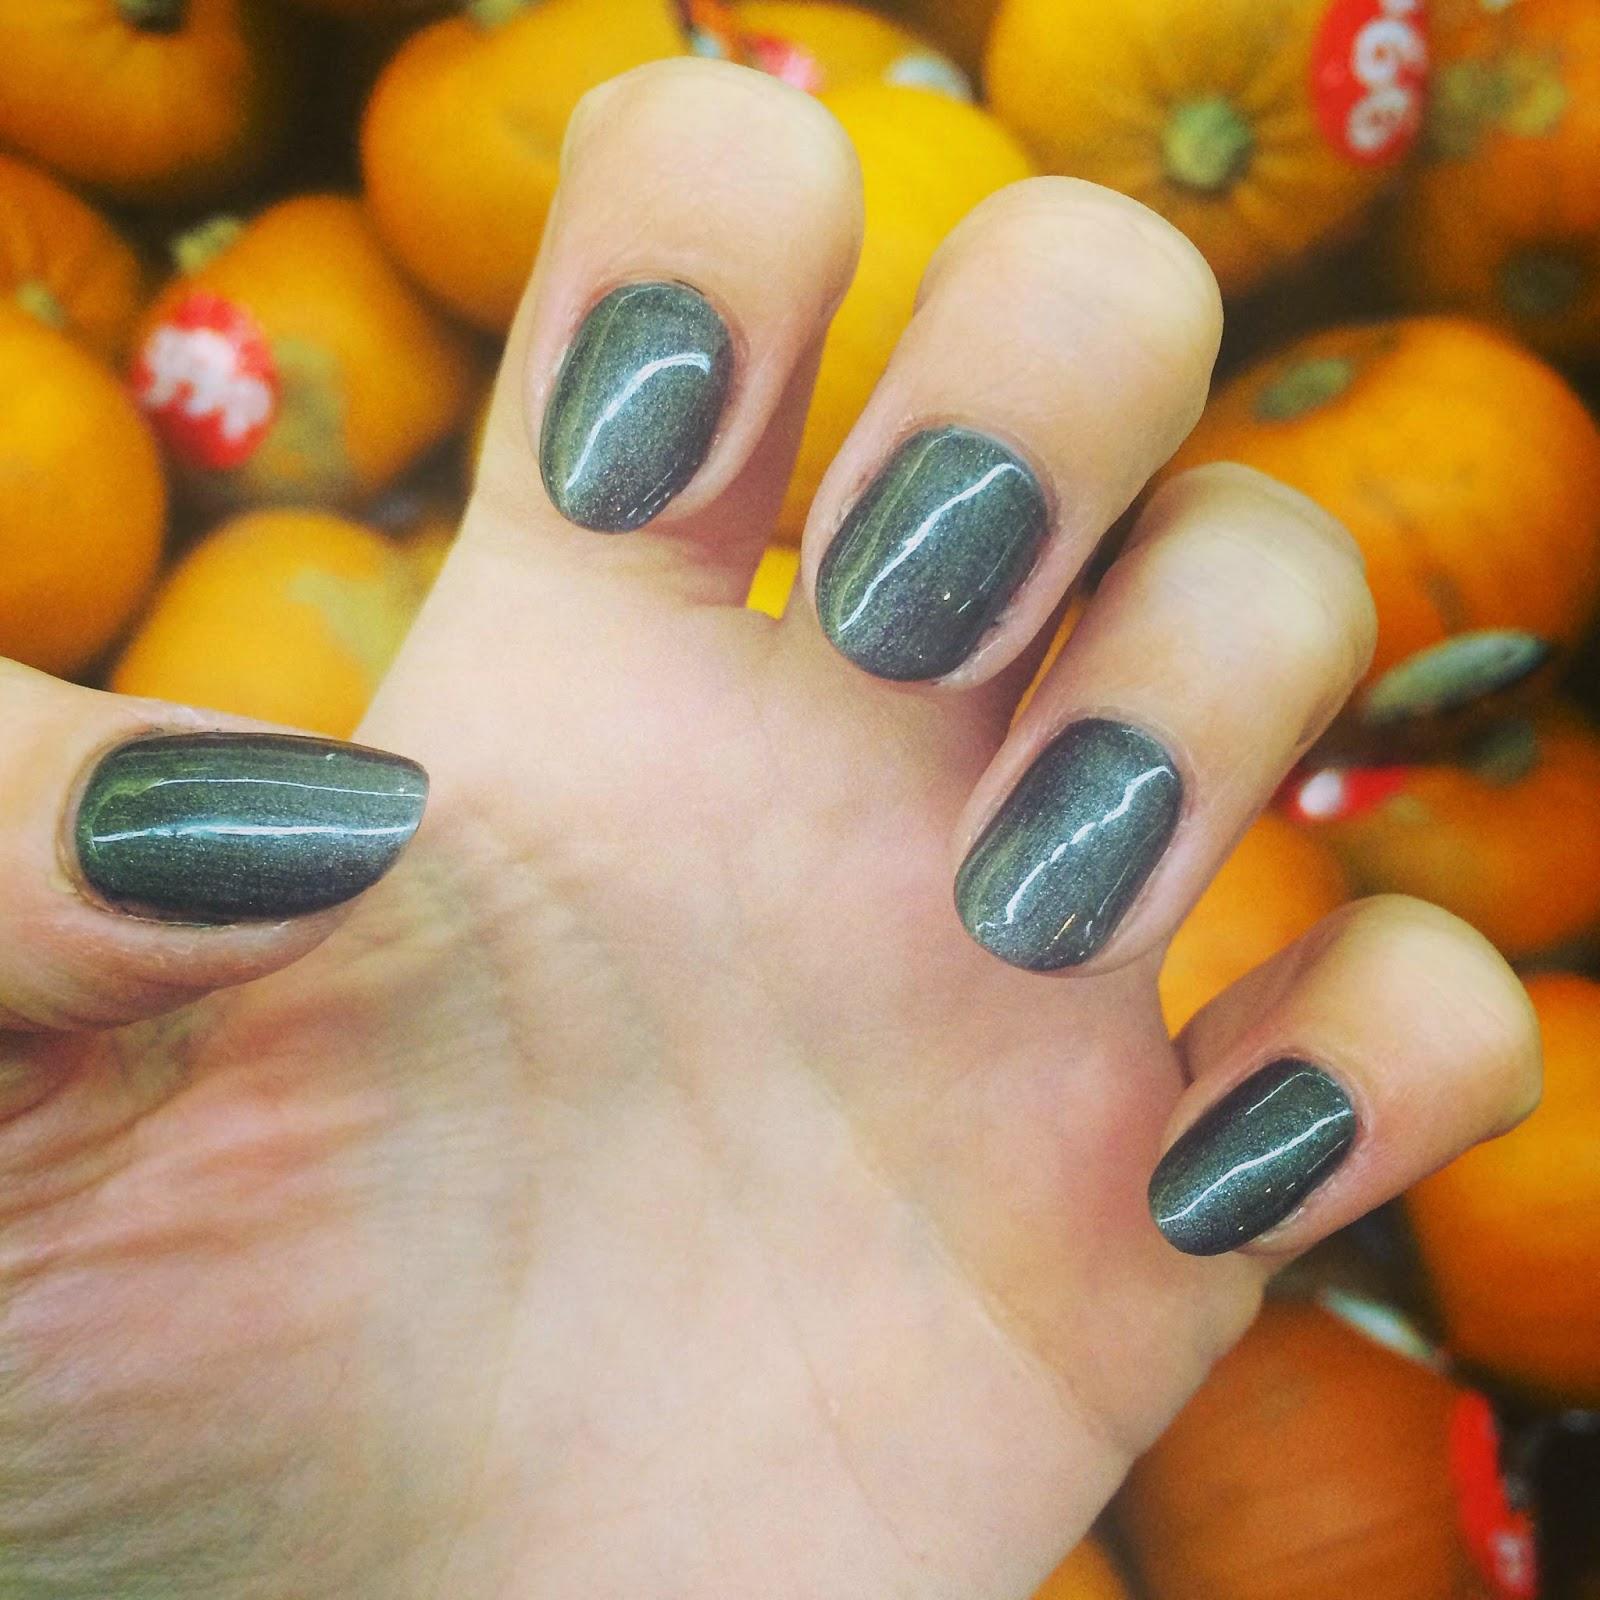 Nails & Pumpkins